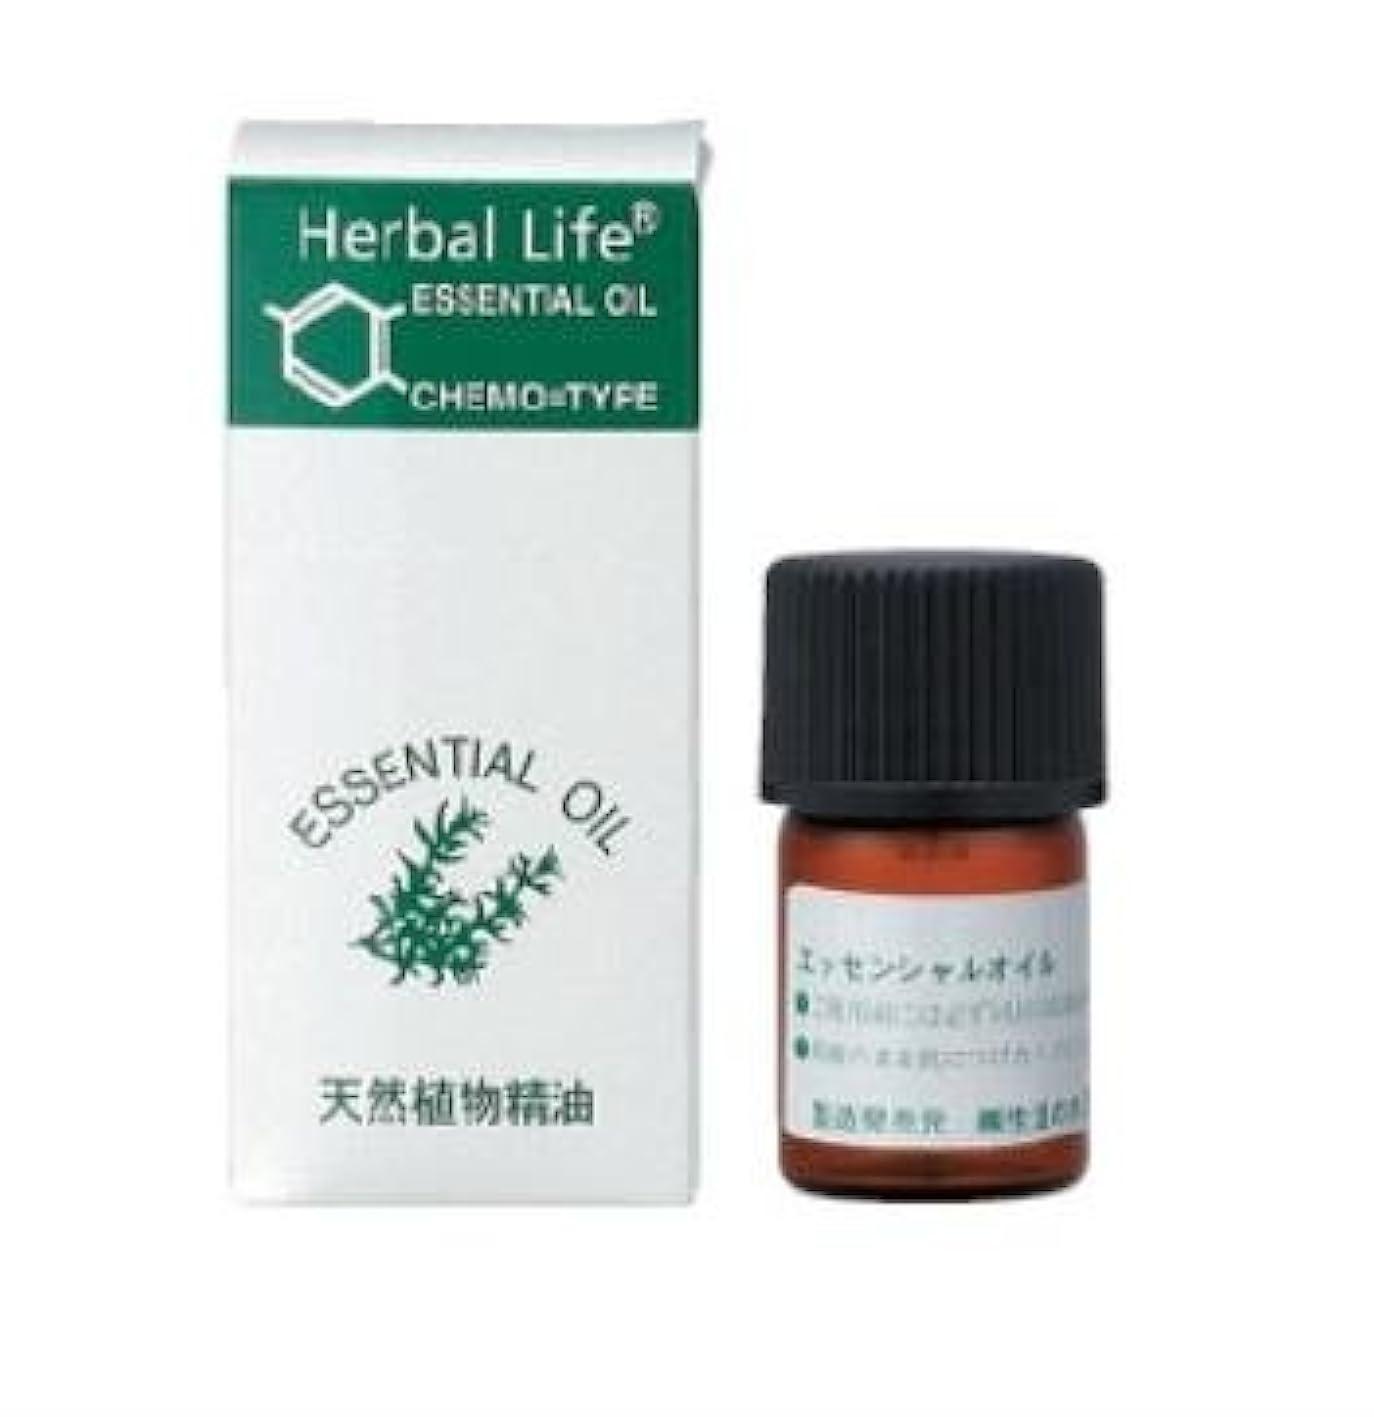 グレートオーク鋭くきょうだい生活の木 エッセンシャルオイル フランキンセンス (オリバナム/乳香) 精油 3ml アロマオイル アロマ